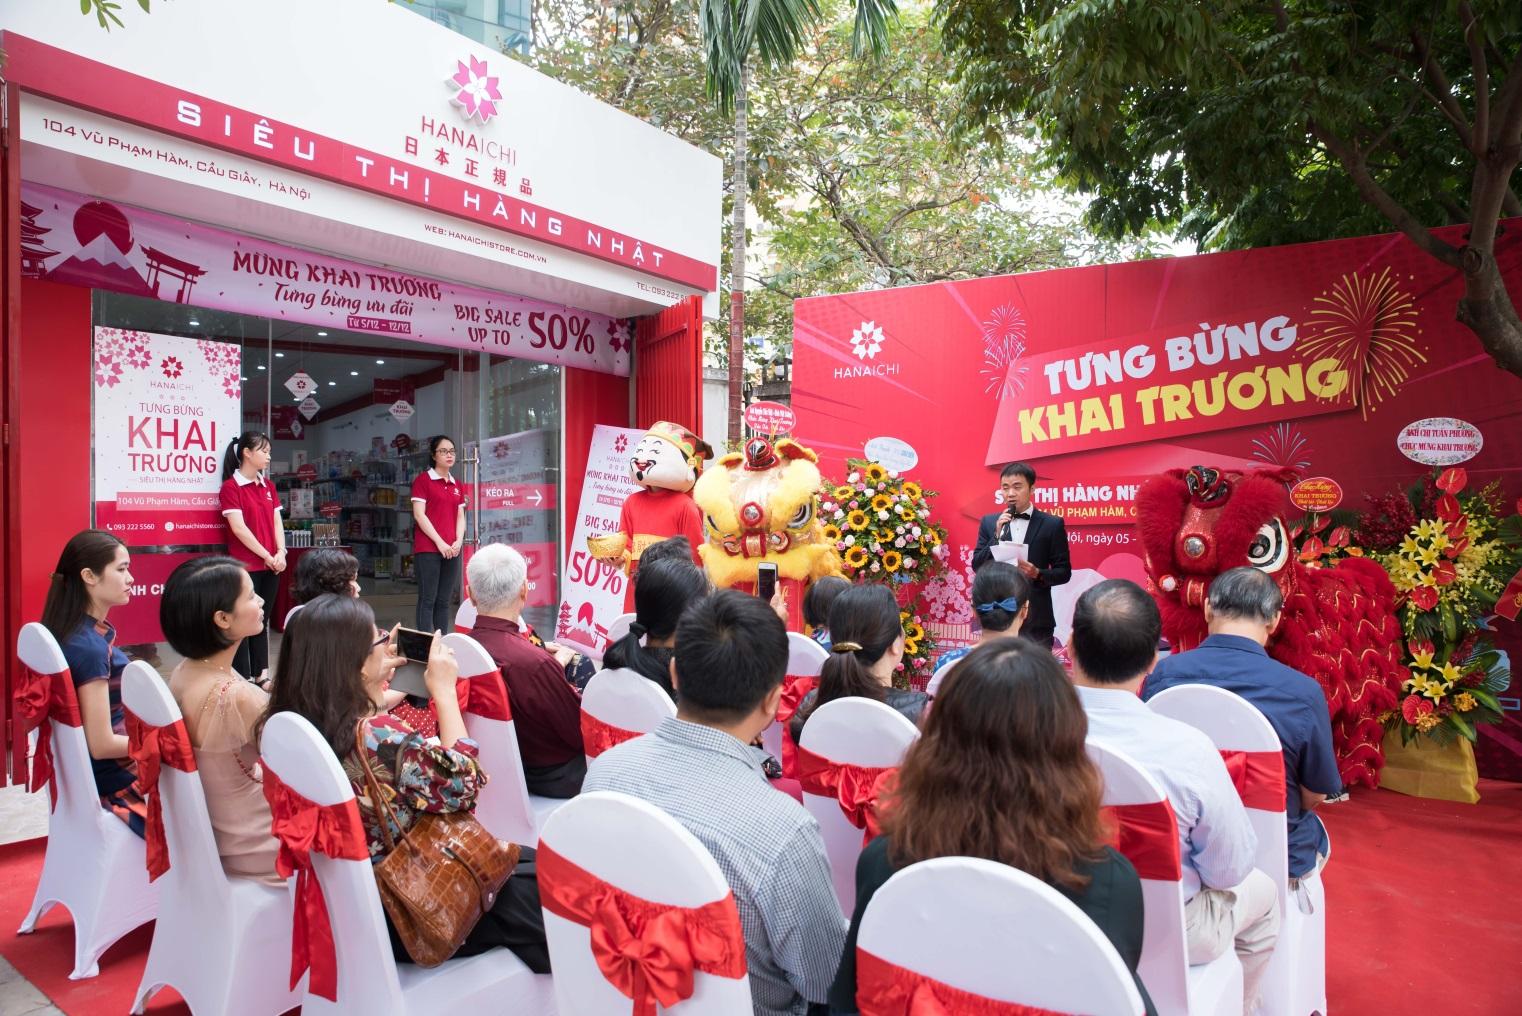 HANAICHI và tham vọng phủ sóng chuỗi siêu thị hàng Nhật nội địa chính hãng, uy tín tại Việt Nam - Ảnh 3.